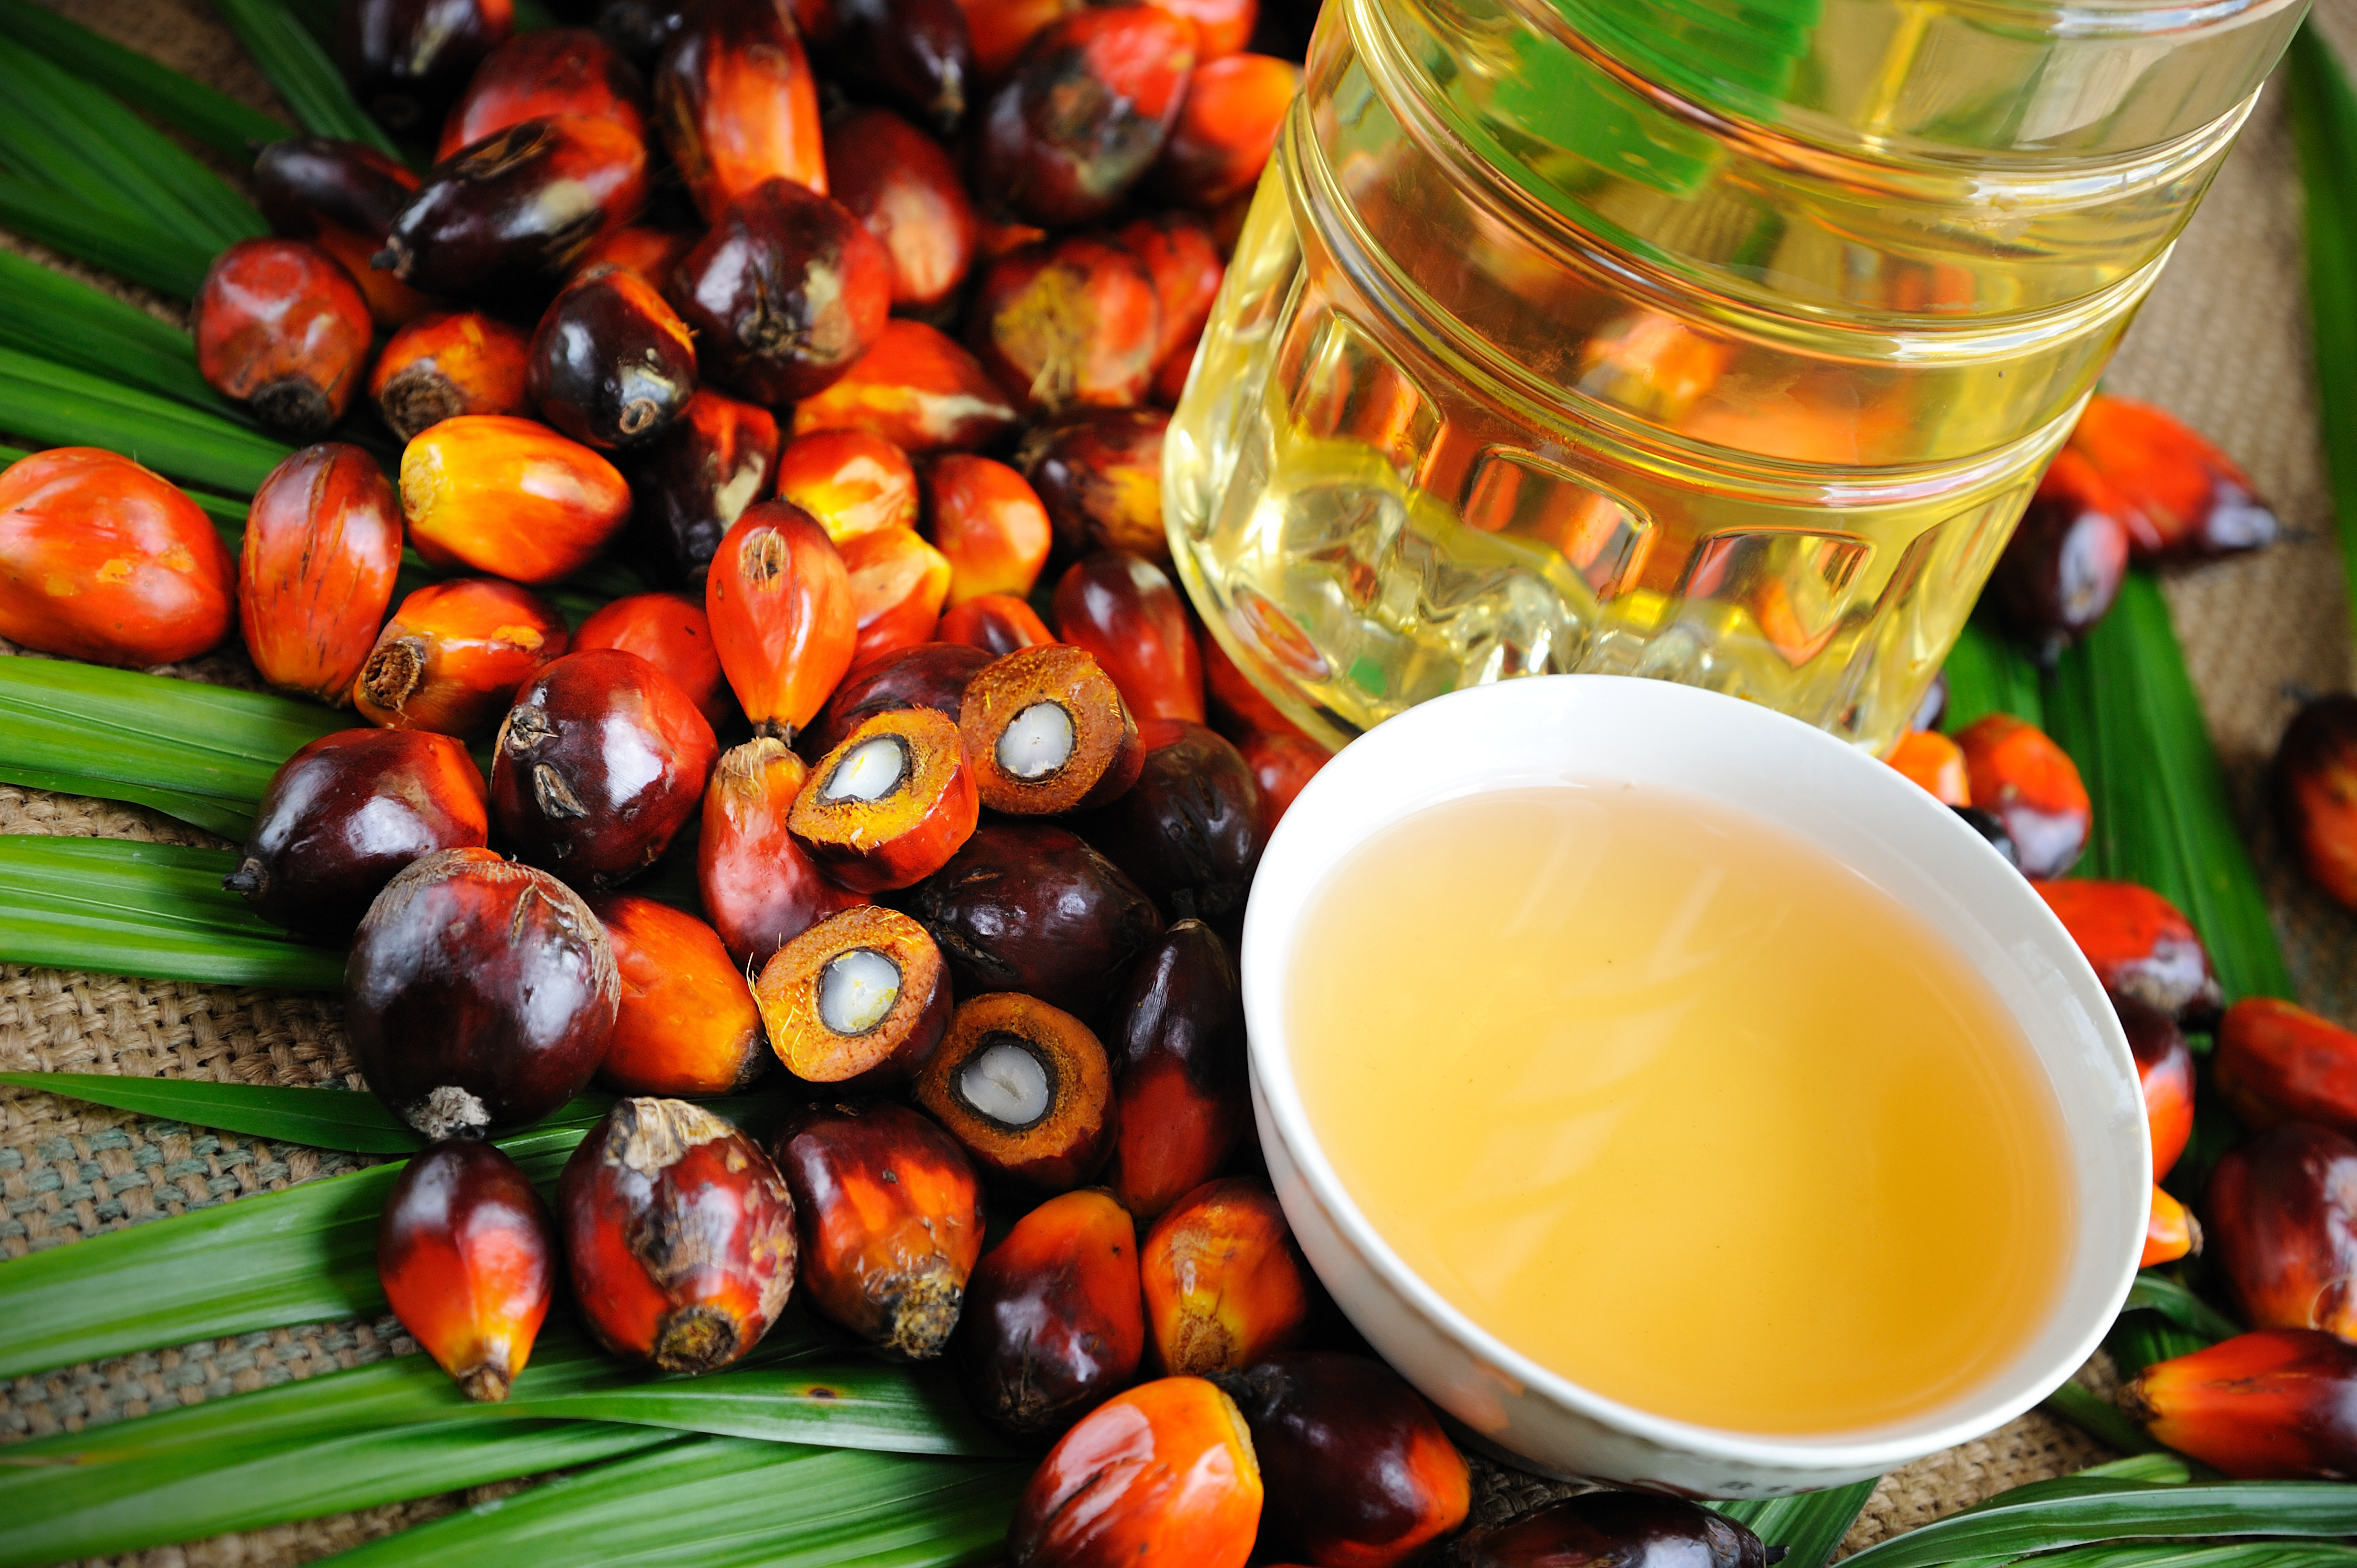 Senza olio di palma?